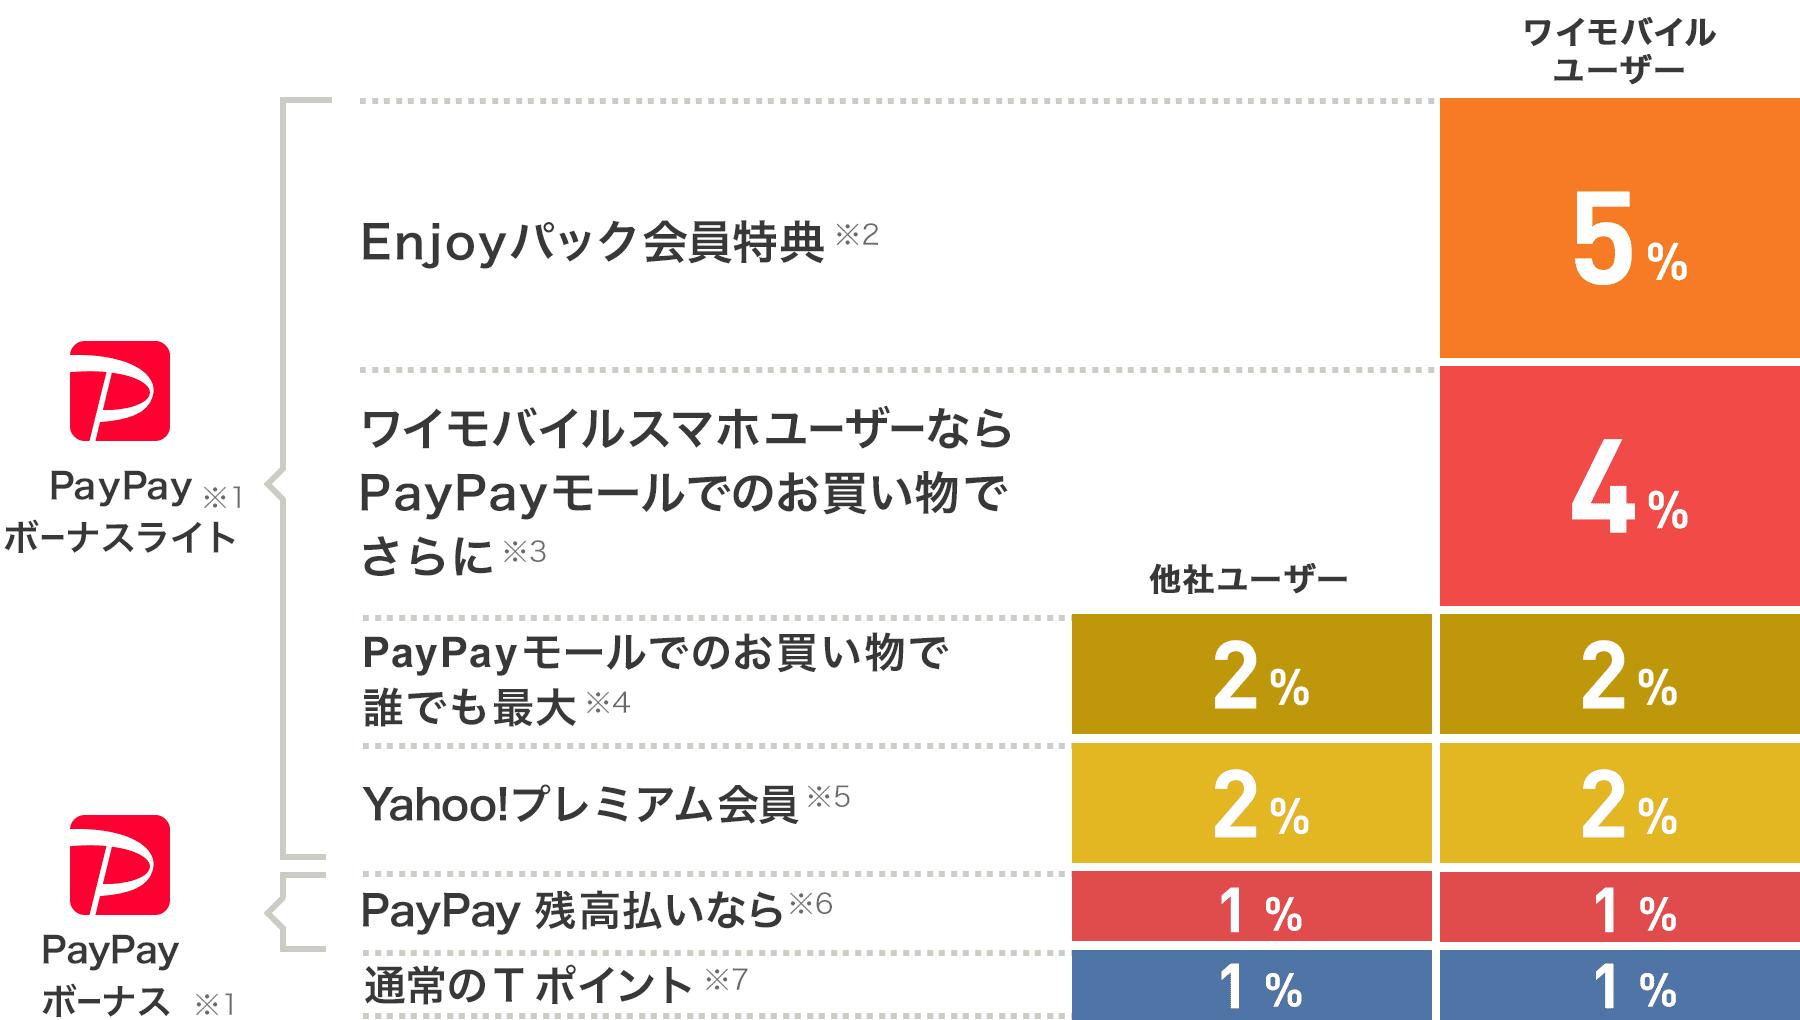 PayPayボーナスライト※1 Enjoyパック会員特典※2 ワイモバイルユーザーは5% ワイモバイルスマホユーザーならPayPayモールでのお買い物でさらに※3 ワイモバイルユーザーは4% PayPayモールでのお買い物で誰でも最大※4 ワイモバイルユーザー、他社ユーザーは2% Yahoo!プレミアム会員※5 ワイモバイルユーザー、他社ユーザーは2% PayPayボーナス※1 PayPay残高払いなら※6 ワイモバイルユーザー、他社ユーザーは1% 通常のTポイント※7 ワイモバイルユーザー、他社ユーザーは1%